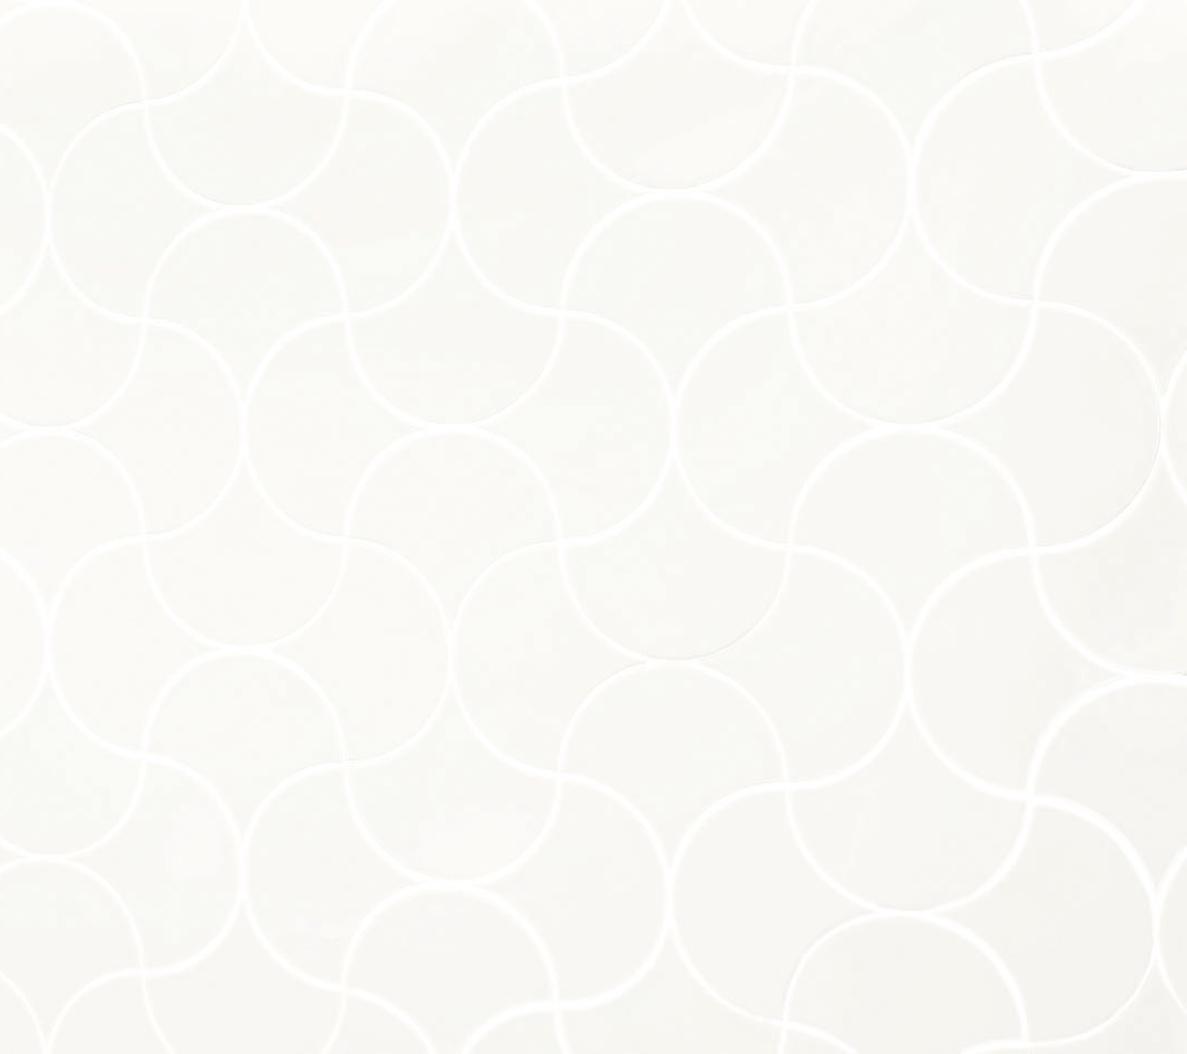 Perspectiva_SCL0300 Scales Branco